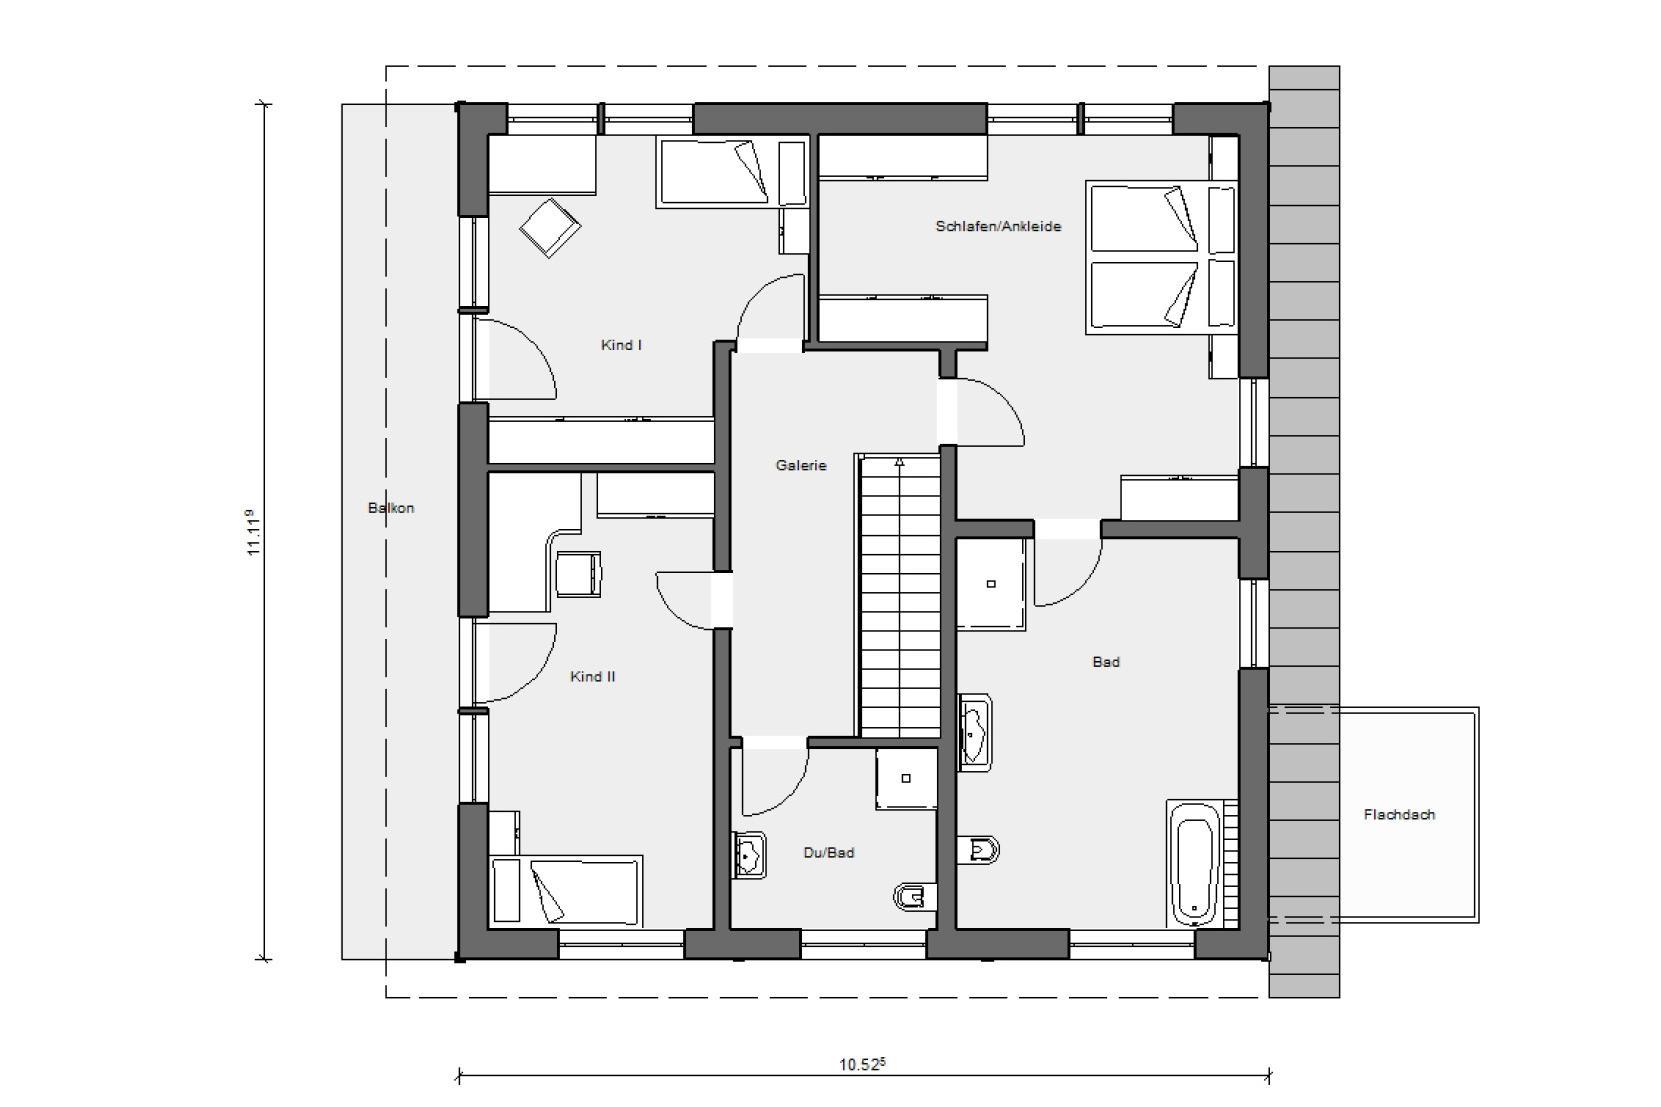 Maison individuelle avec toit une pente schw rerhaus - Maison avec toit une pente ...